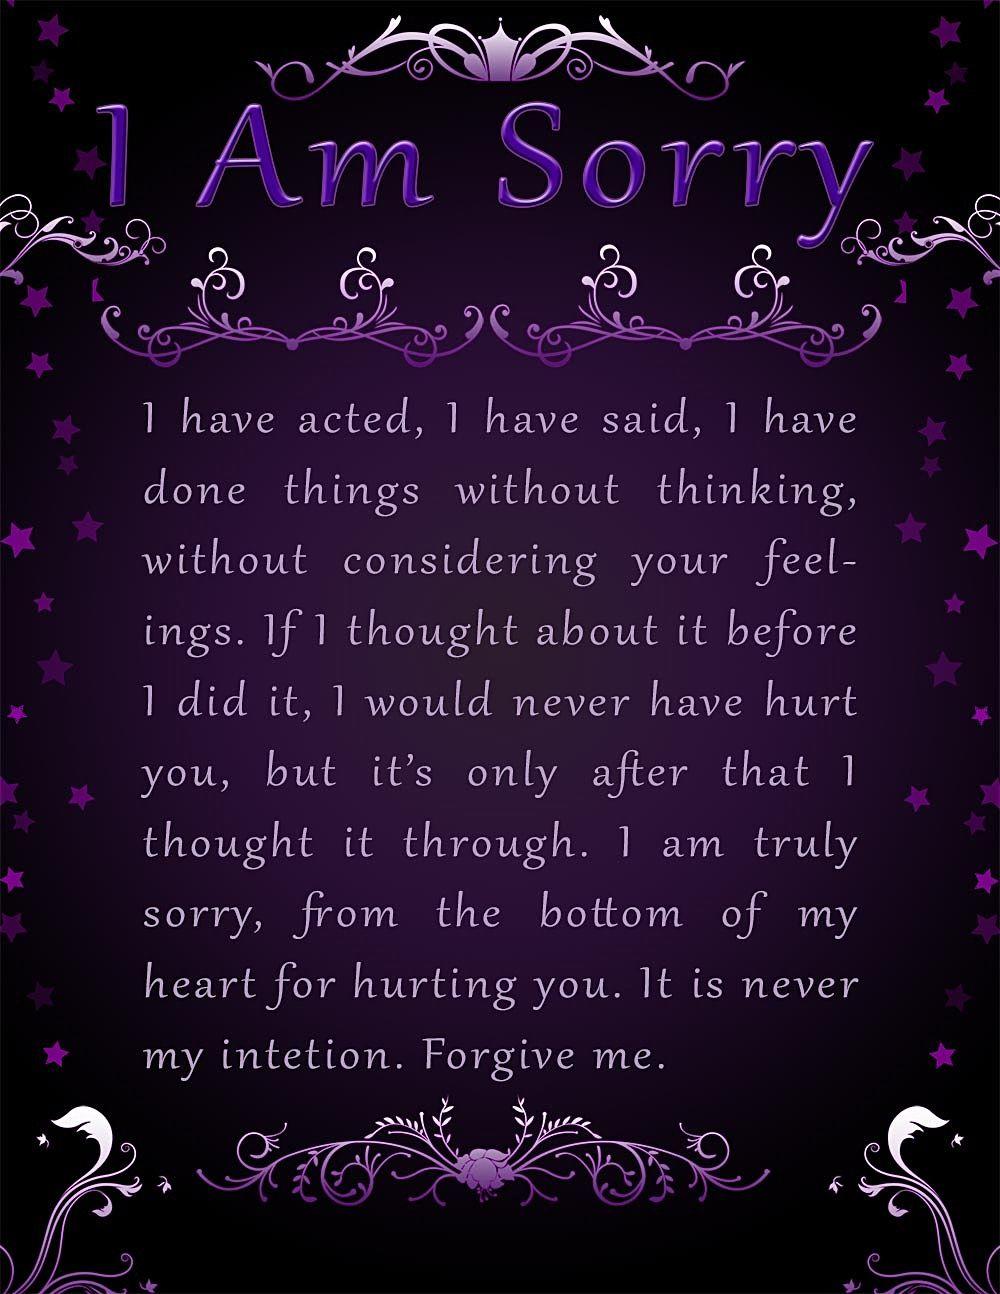 Apology Card Templates 10 Free Printable Word Pdf Sorry Cards Apology Cards Card Templates